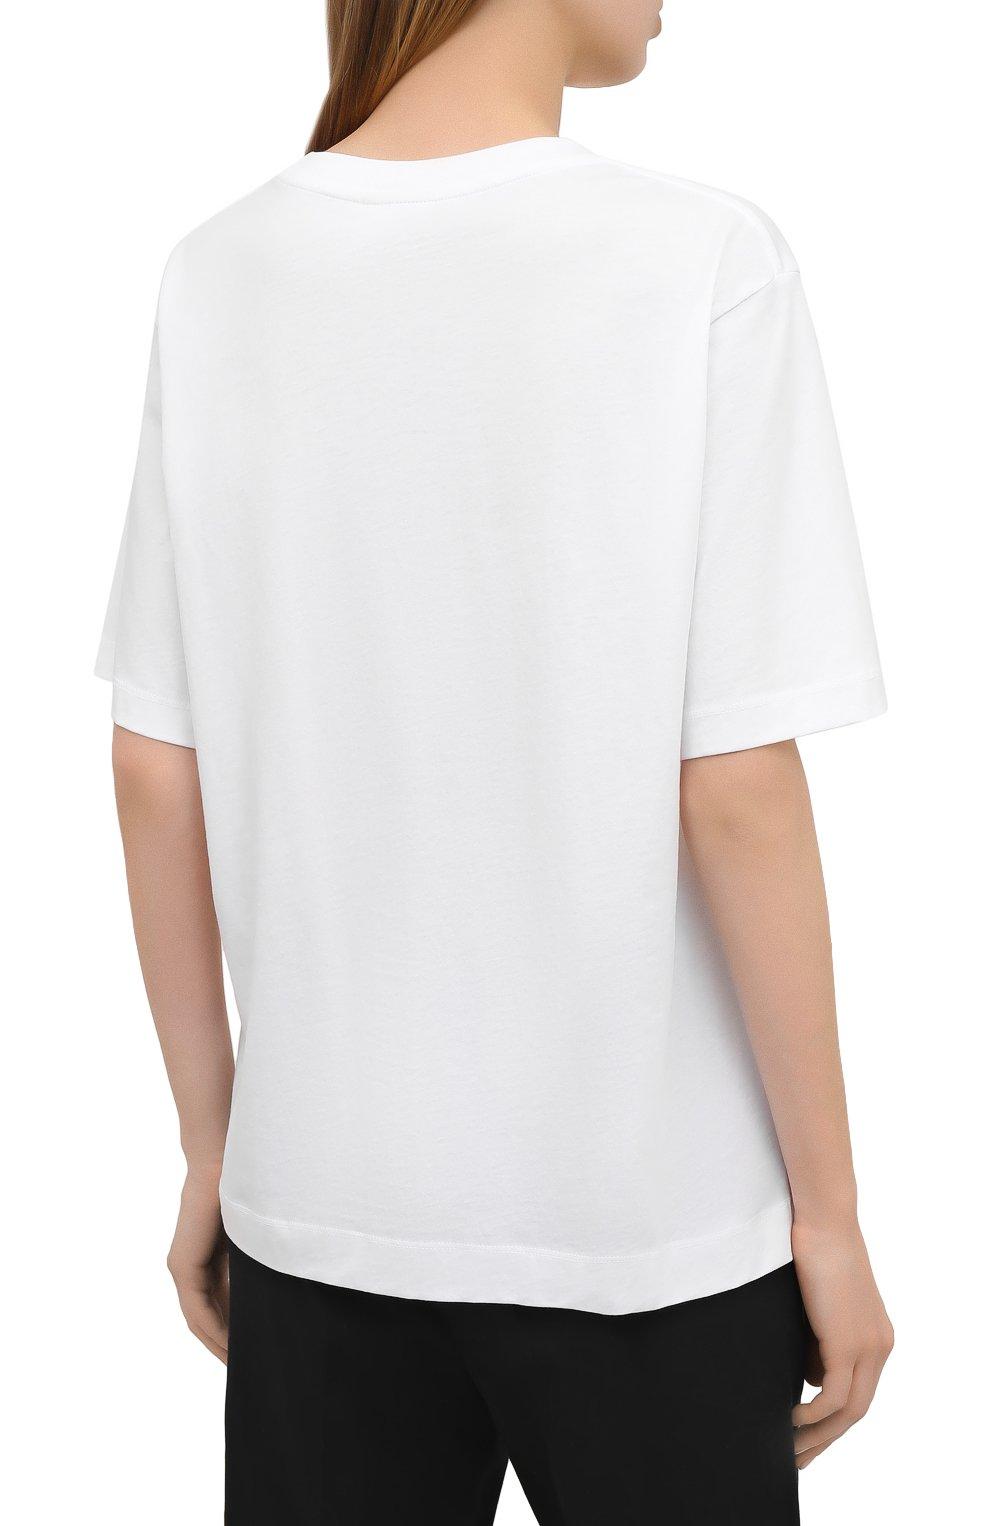 Женская хлопковая футболка DRIES VAN NOTEN белого цвета, арт. 211-11150-2600 | Фото 4 (Принт: Без принта; Рукава: Короткие; Длина (для топов): Стандартные; Материал внешний: Хлопок; Женское Кросс-КТ: Футболка-одежда; Стили: Кэжуэл)